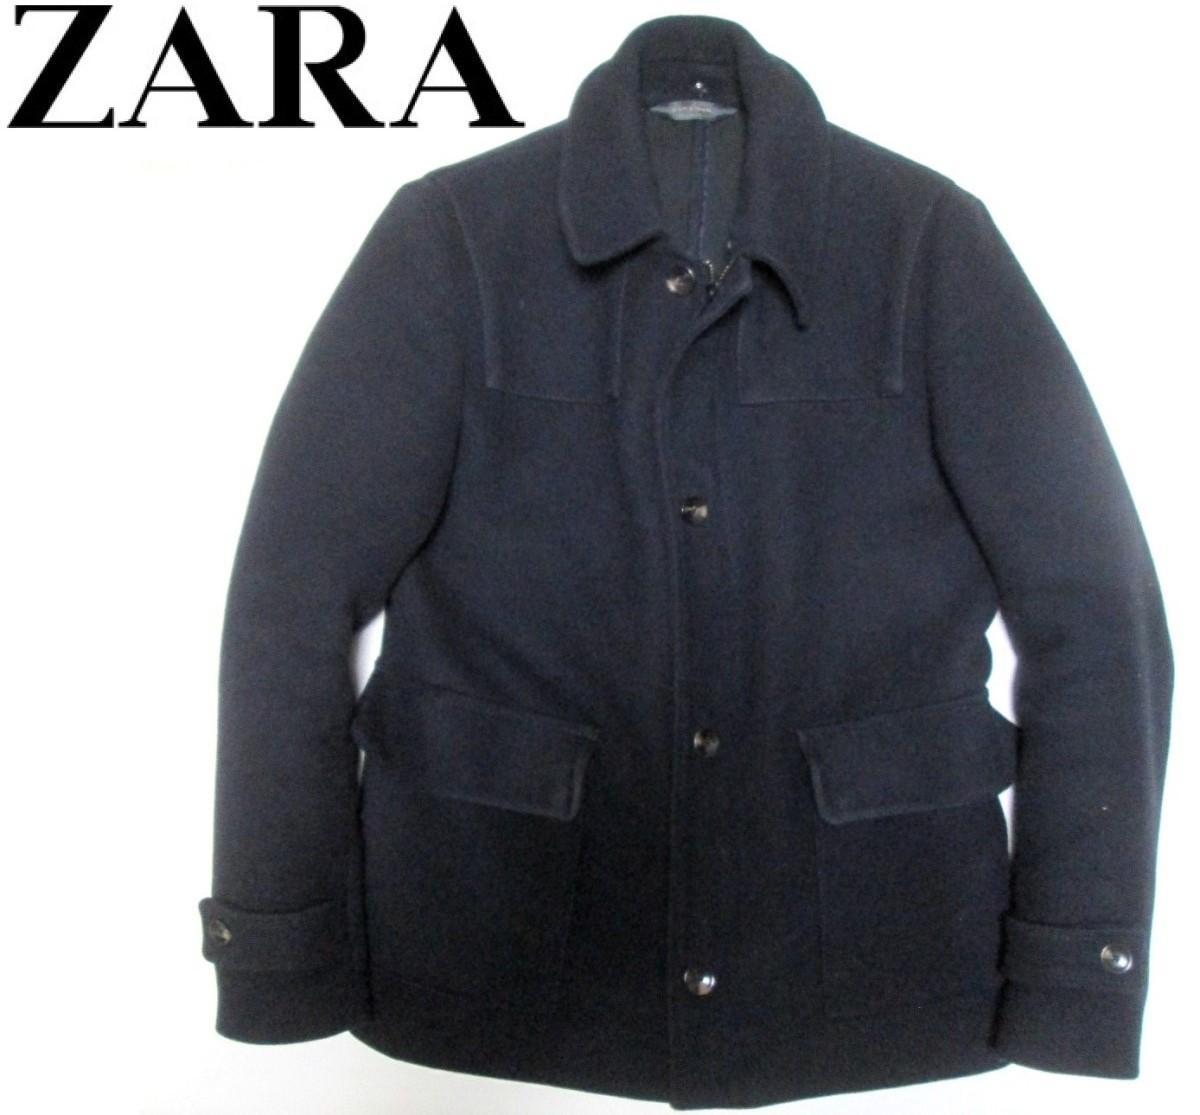 ZARA MAN ザラ マン メンズ メルトン ボタン ジップ シングルコート_画像1